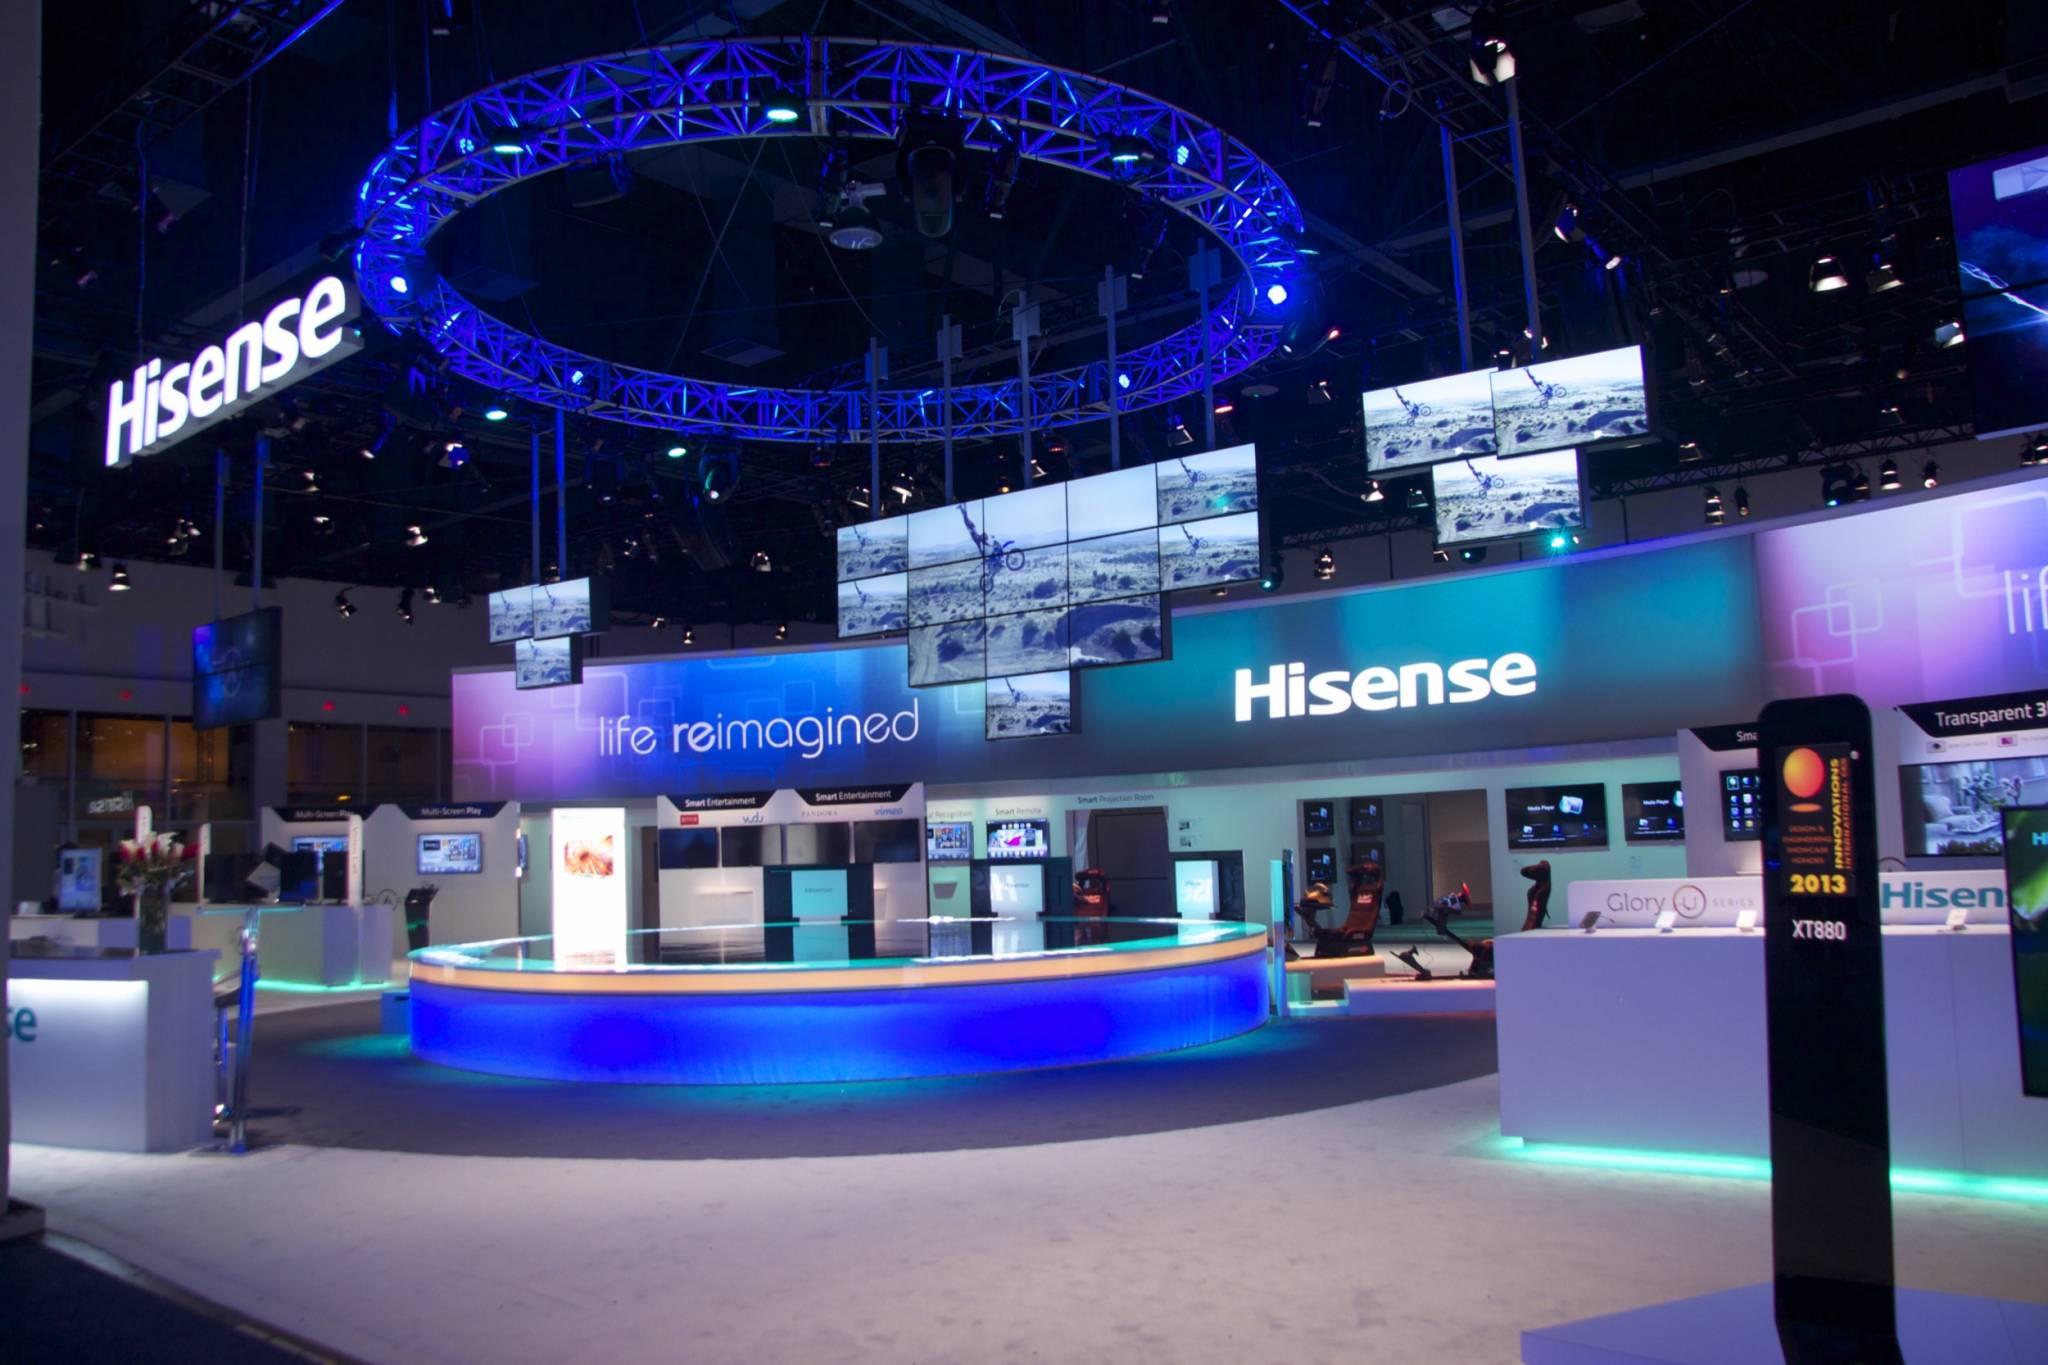 Ces Hisense Consumer Electronics Show Fine Design